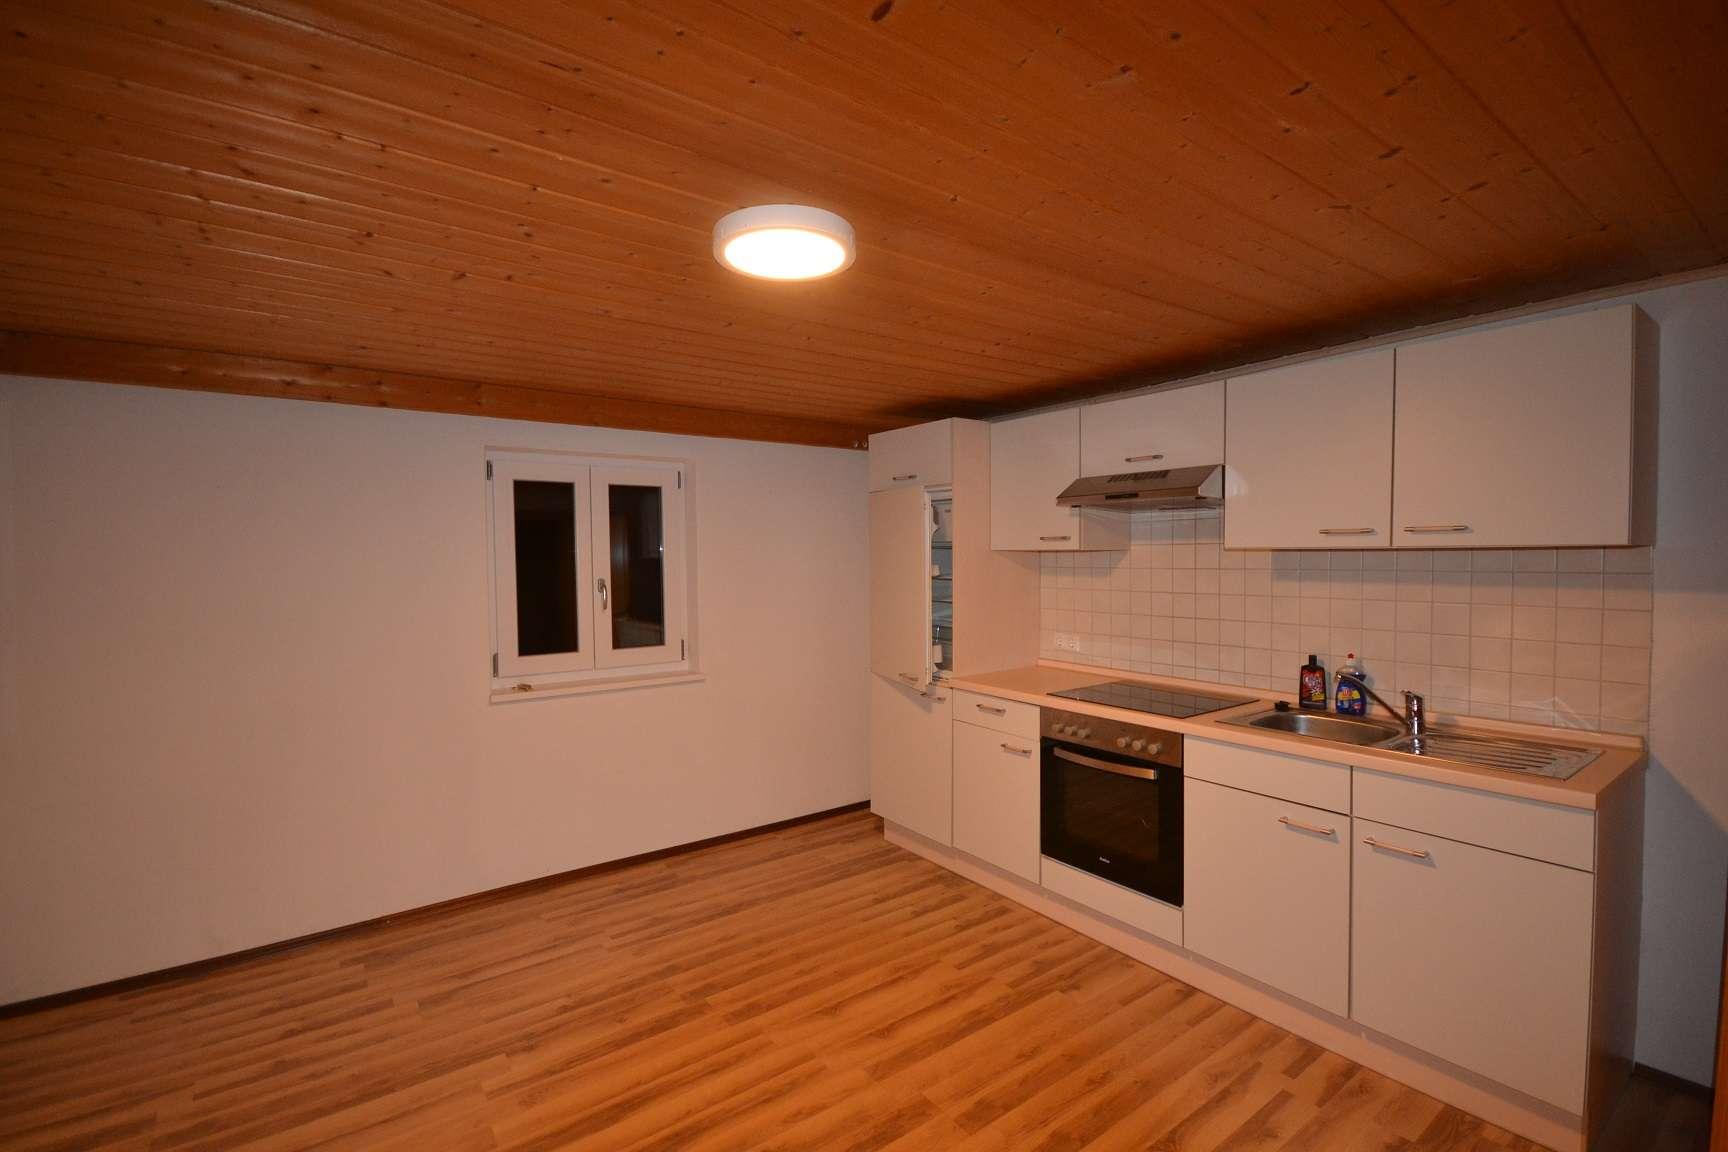 1-Zimmer-Wohnung in kleiner Anlage in Grubweg (Passau)